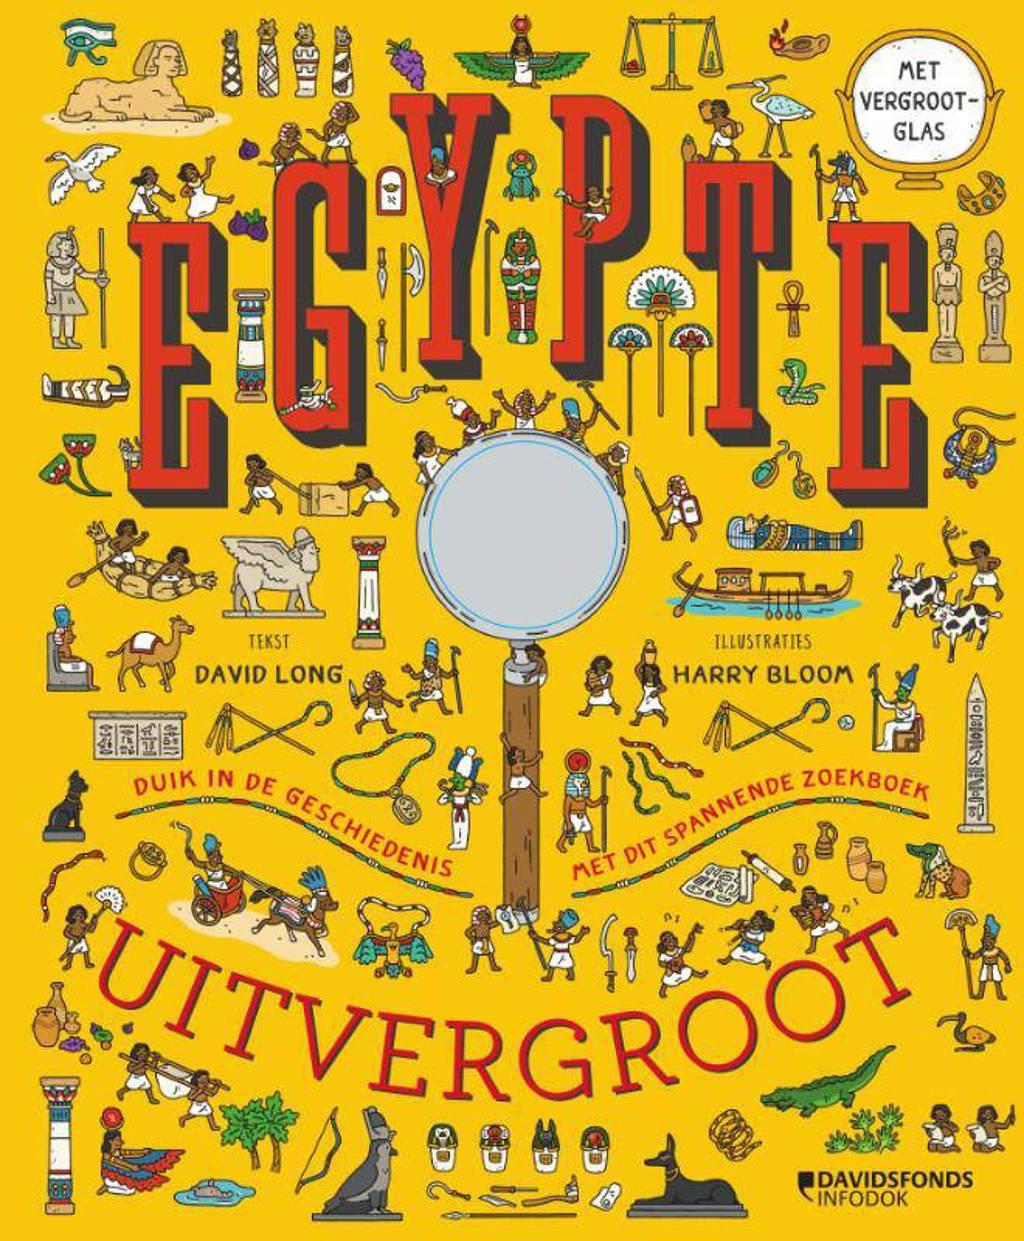 Egypte uitvergroot - David Long